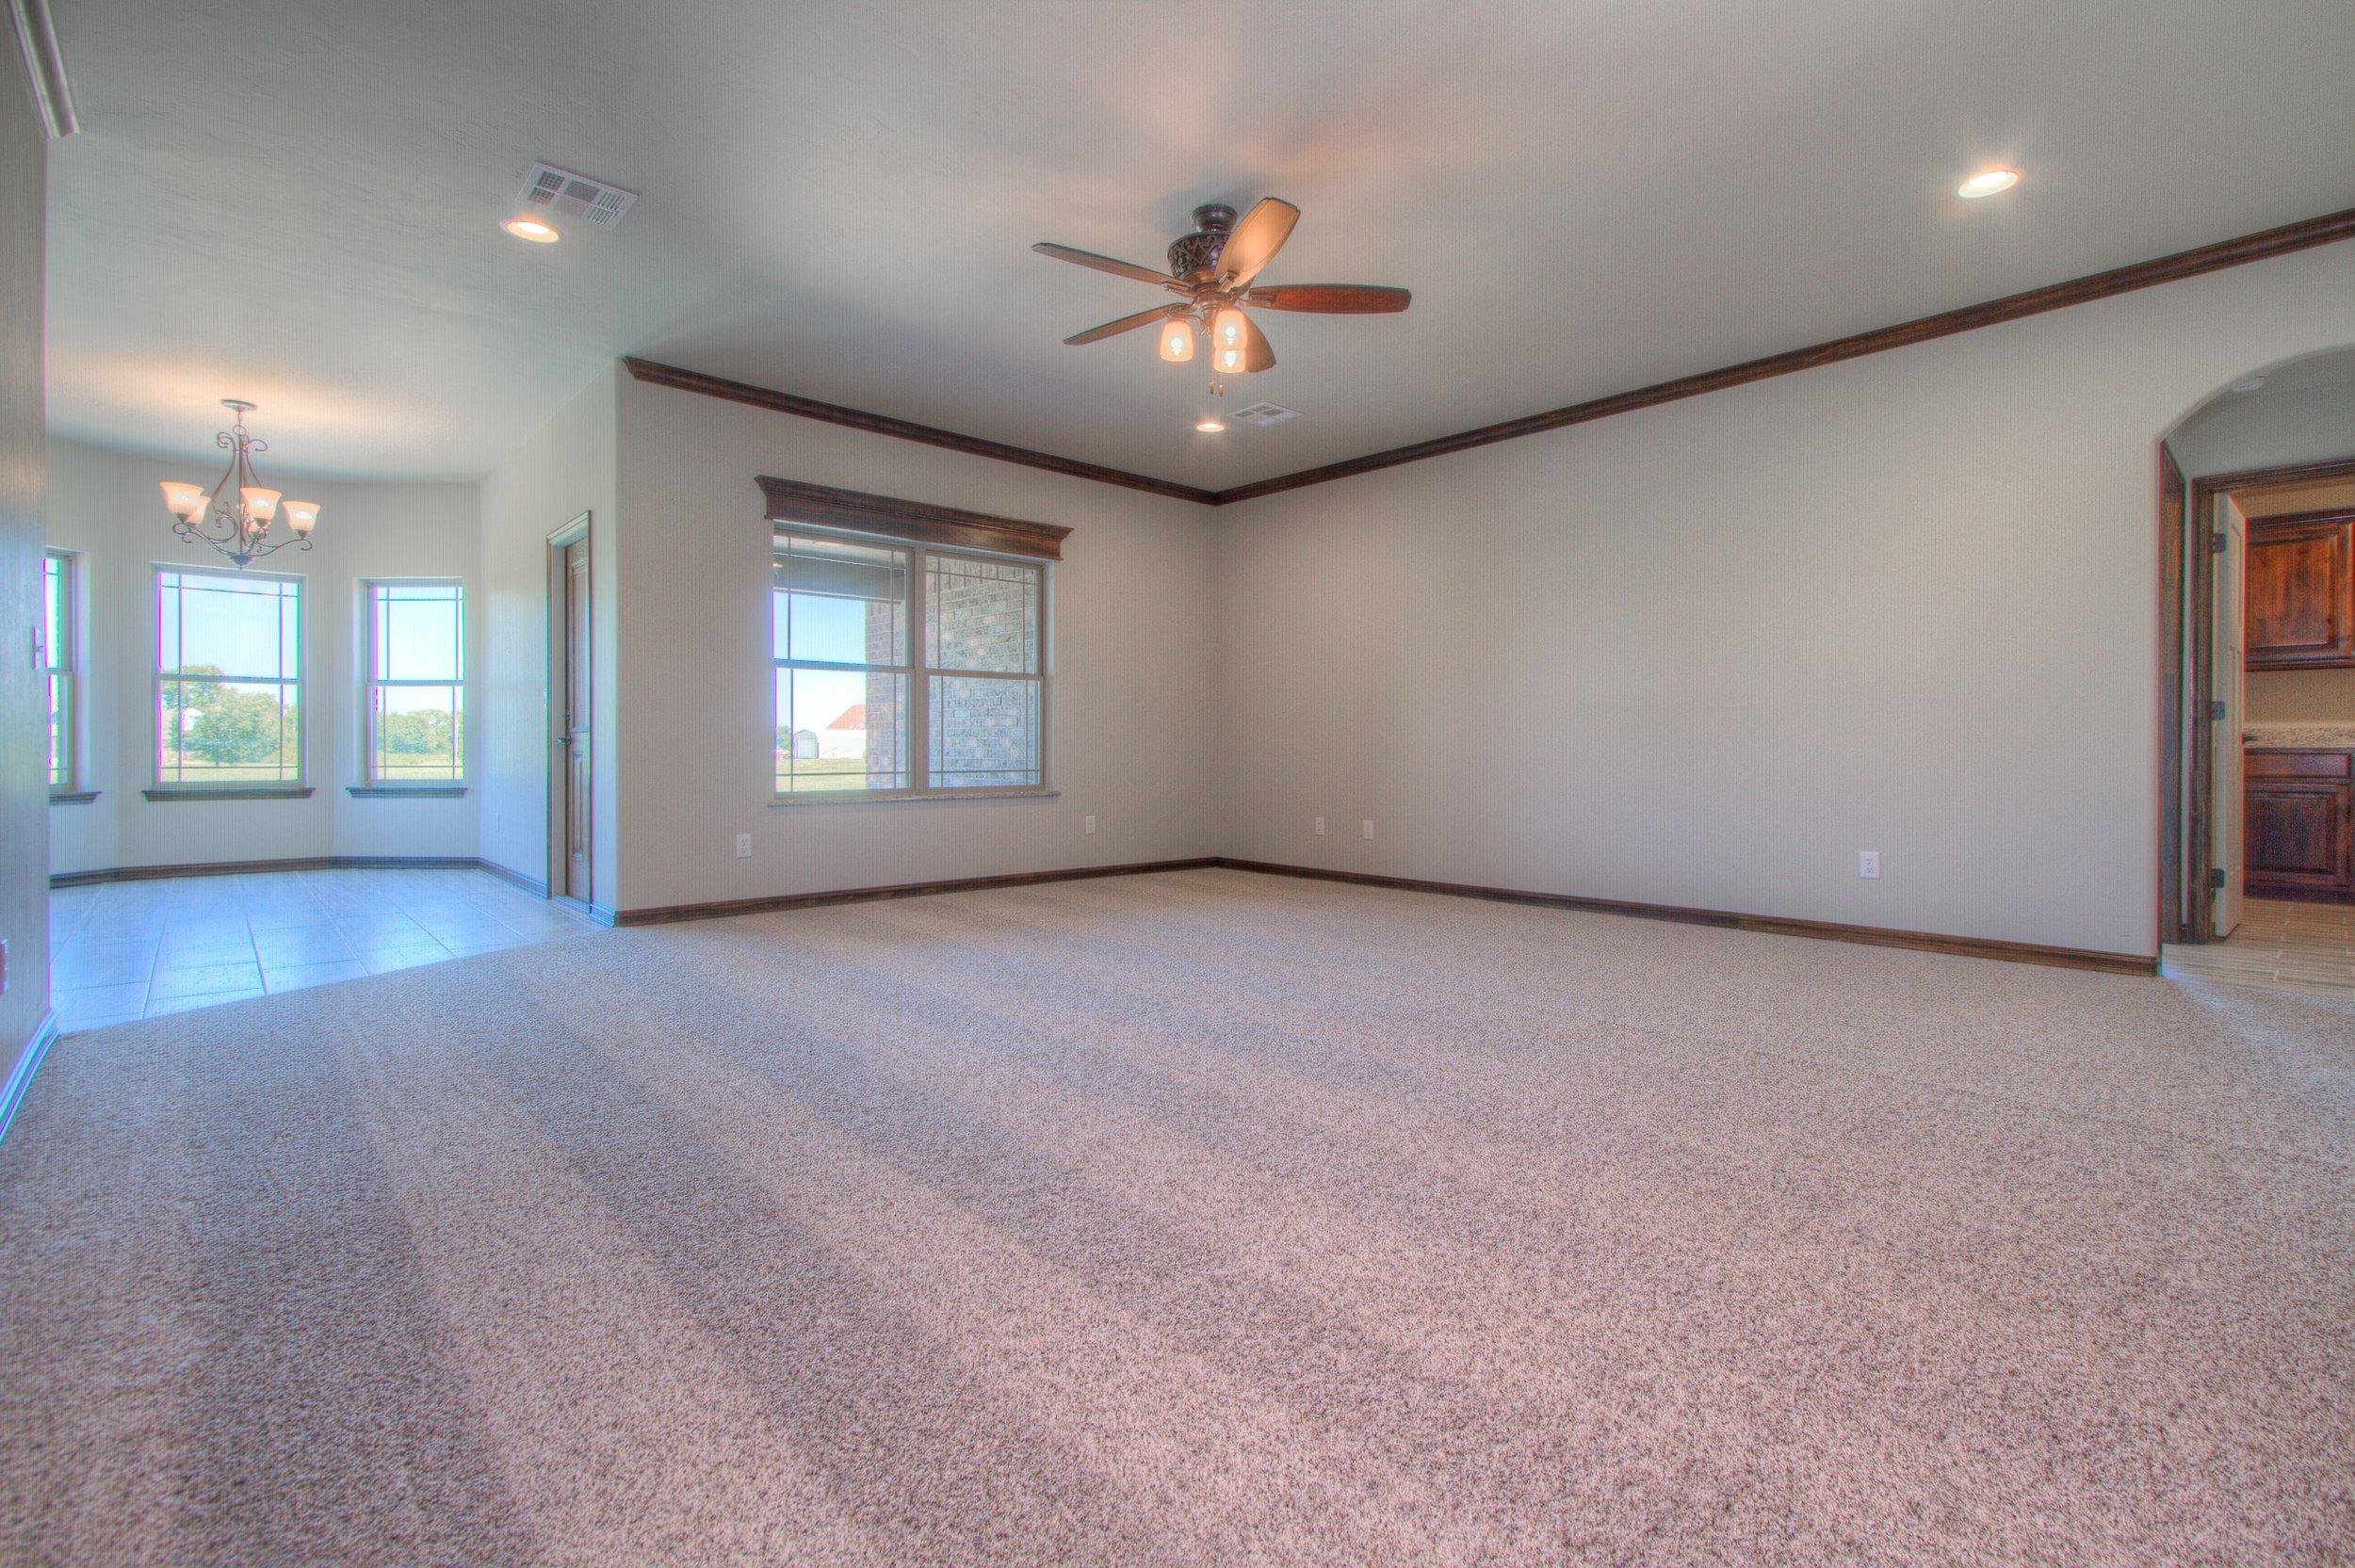 005_Living Room 1.jpg